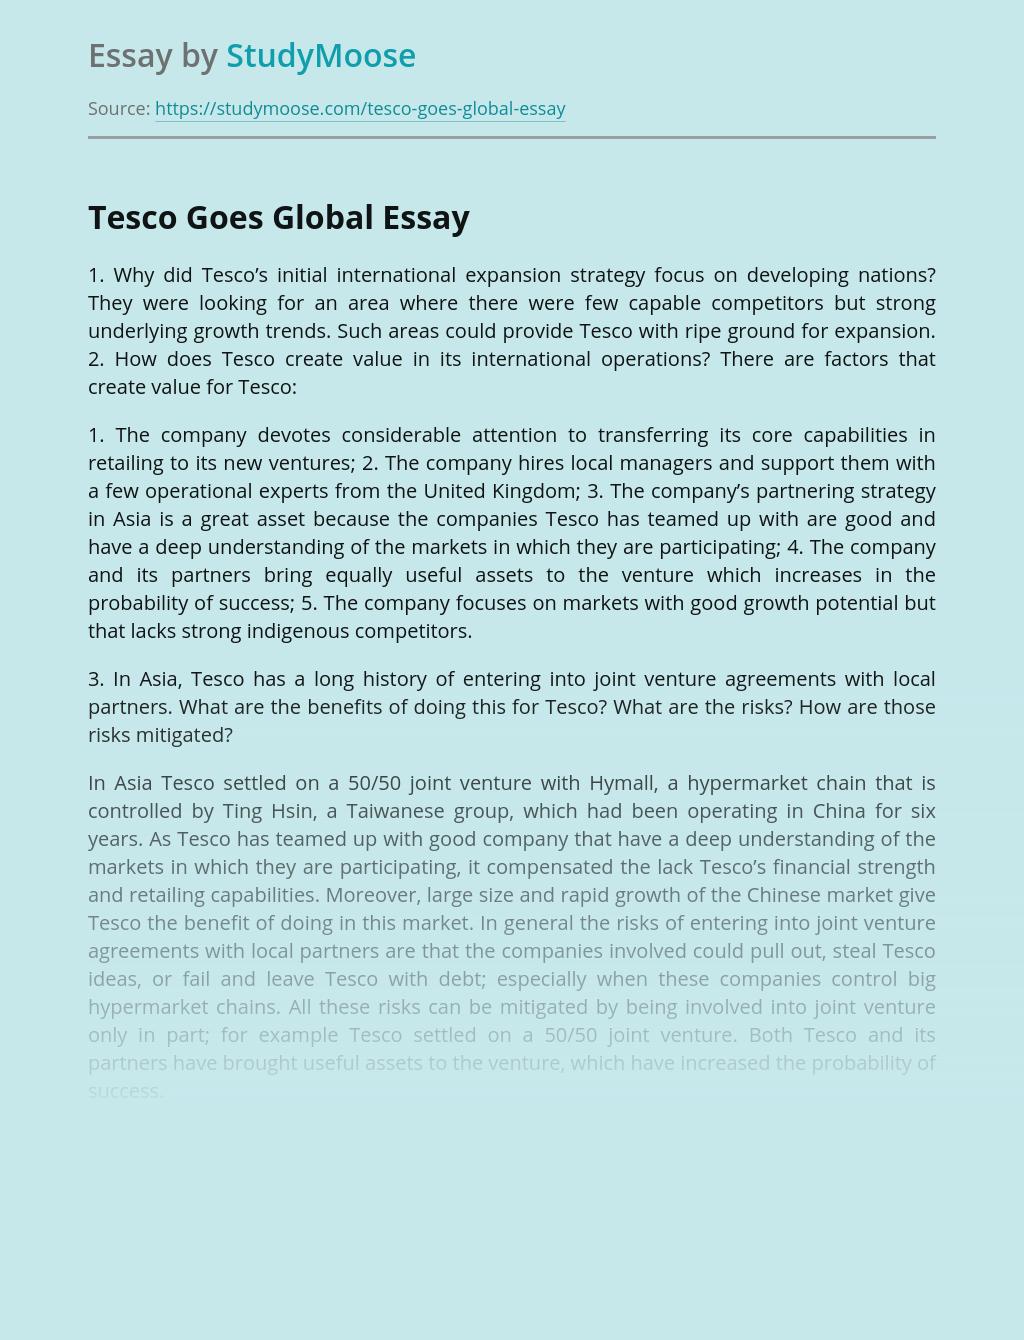 Tesco Goes Global